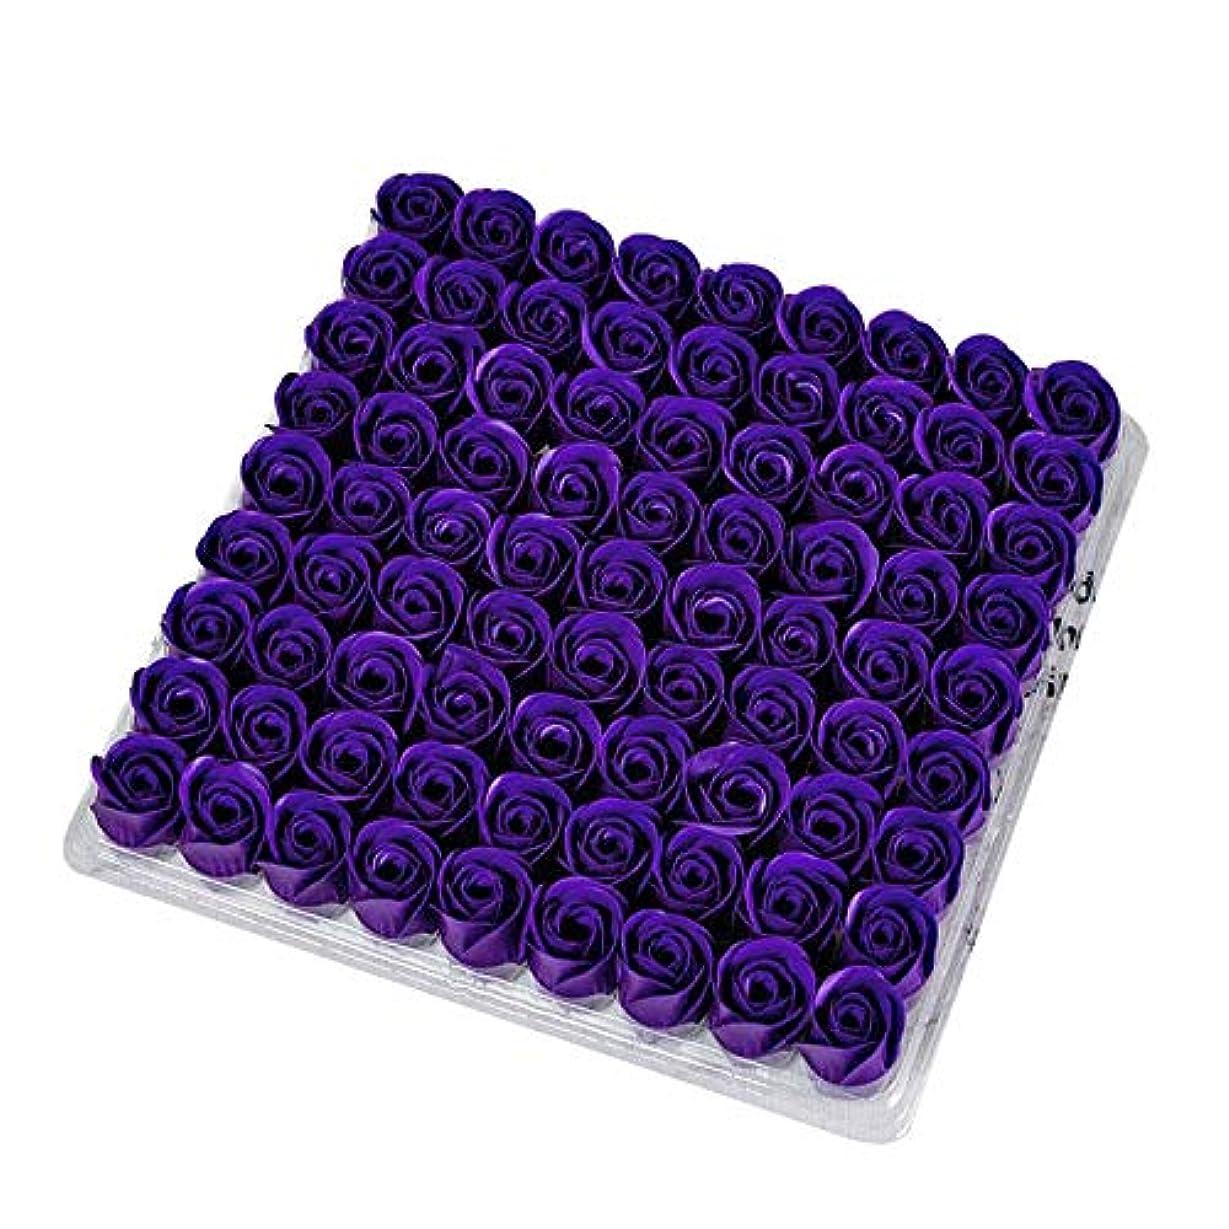 助言する二ダウンタウンCUHAWUDBA 81個の薔薇 フローラルの石けん 香りのよいローズフラワー エッセンシャルオイル フローラルのお客様への石鹸 ウェディング、パーティー、バレンタインデーの贈り物、紫色